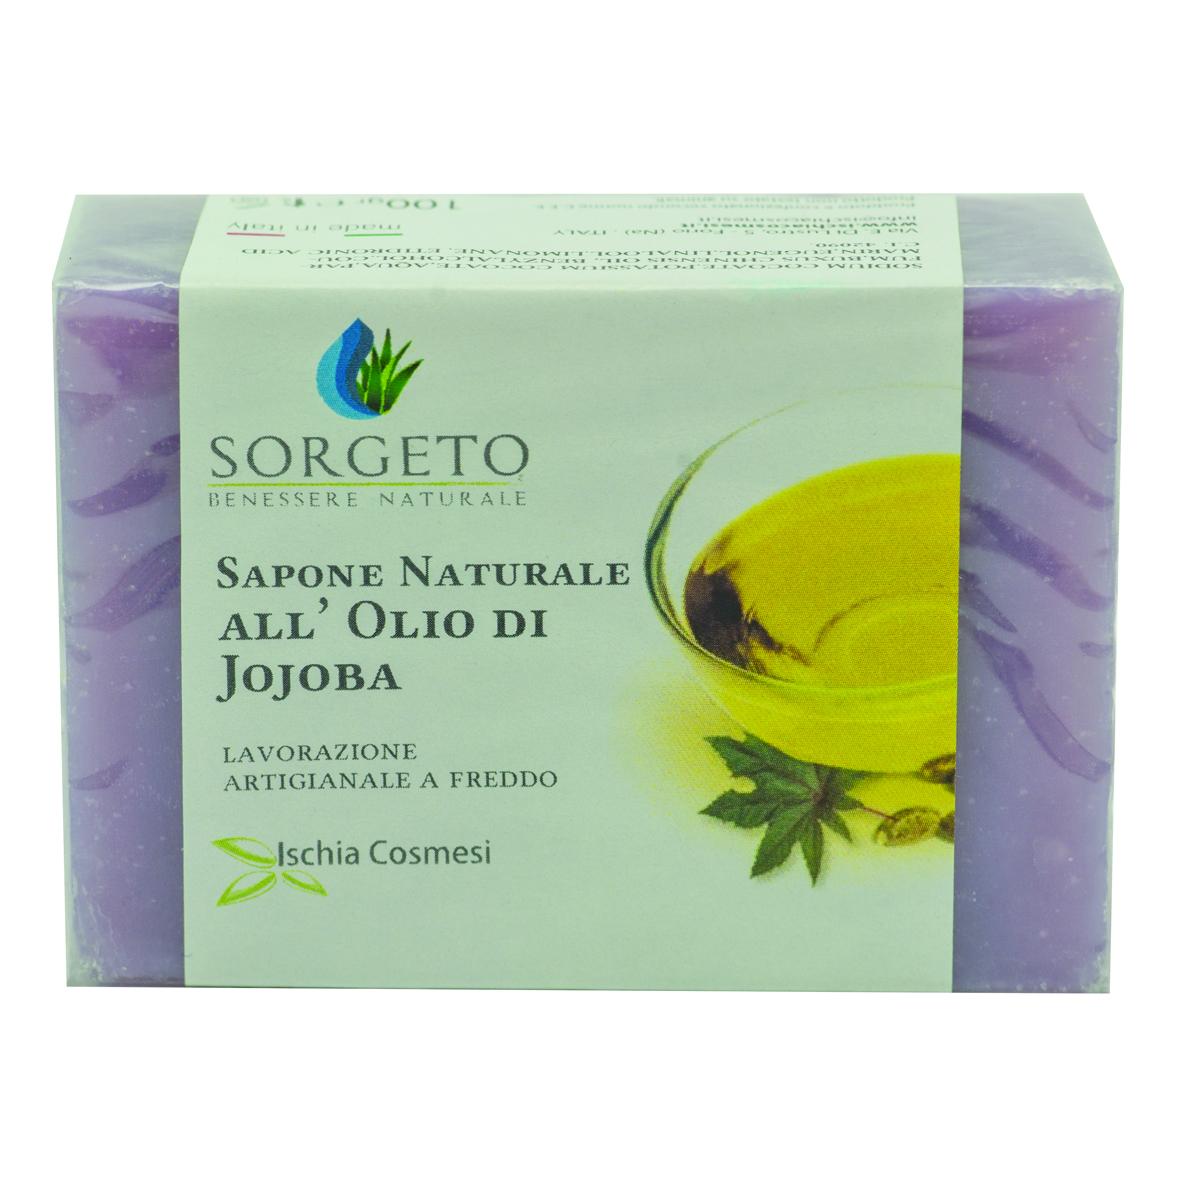 sapone naturale all'olio di jojoba gr 100